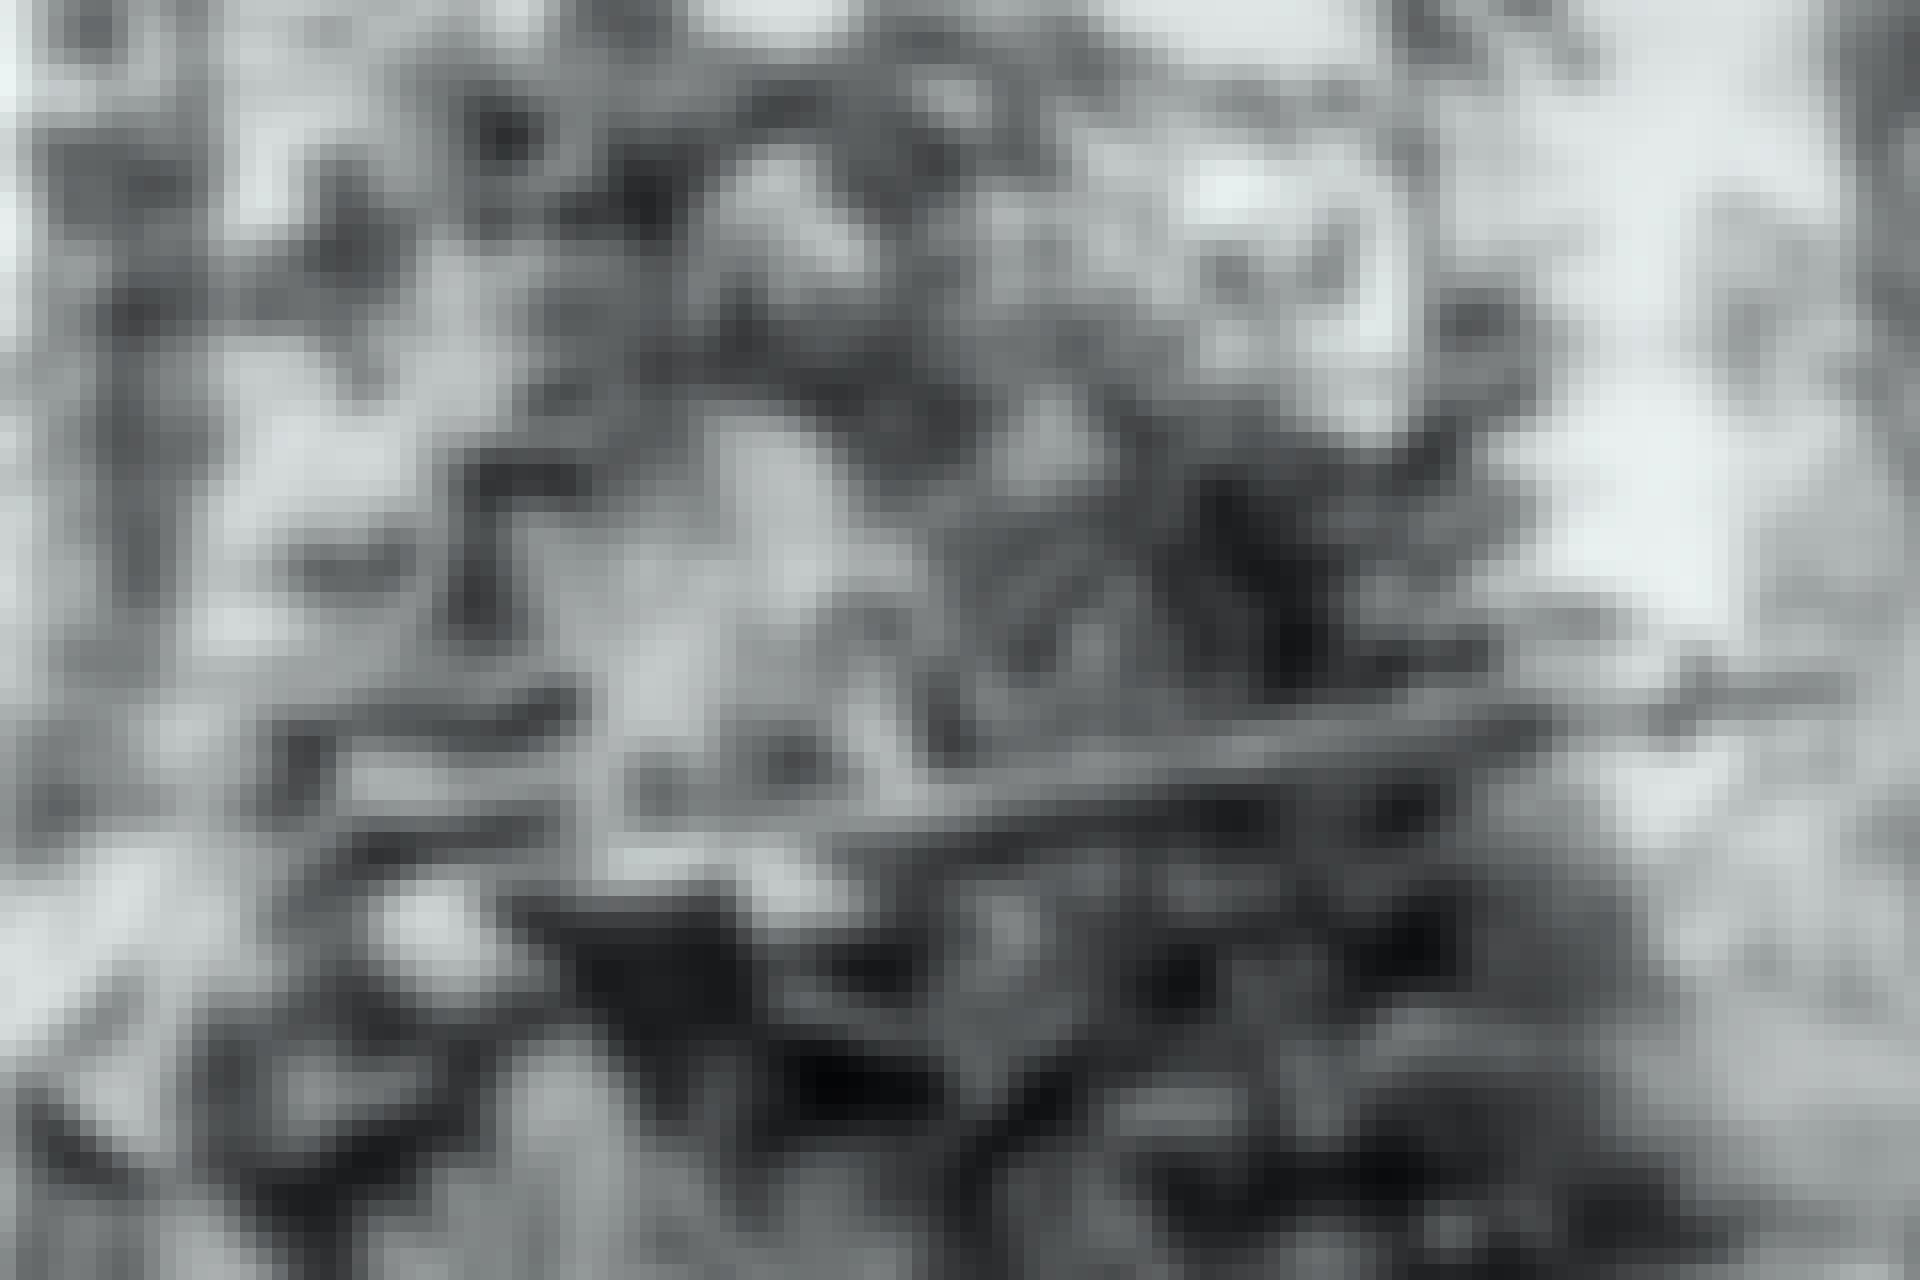 Ljudmyla Pavlitshenko; tarkka-ampuja puna-armeijassa toisessa maailmansodassa.